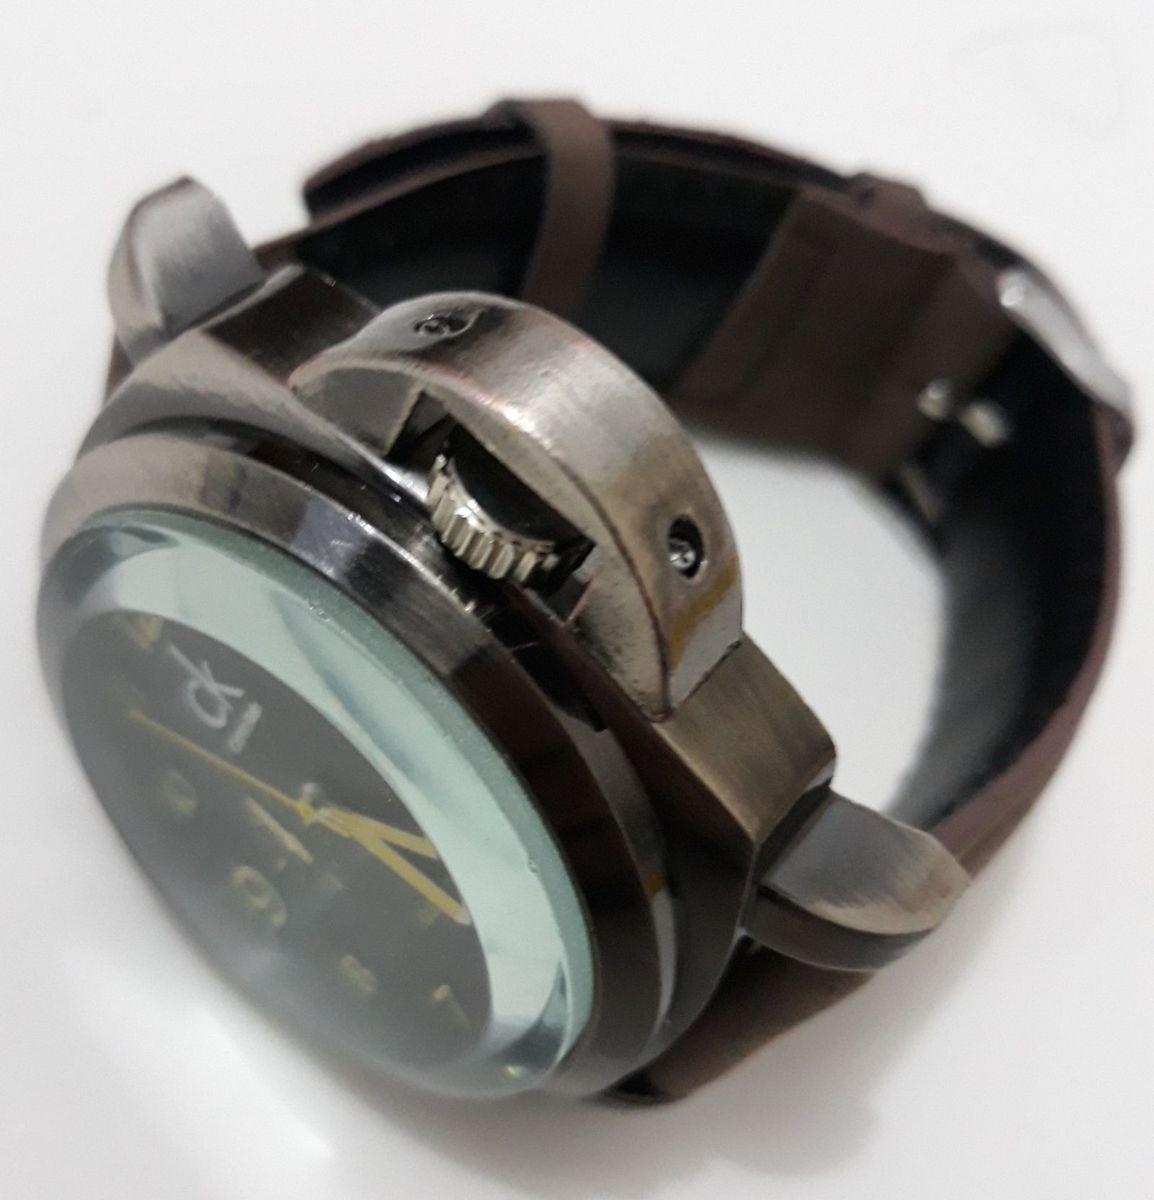 relógio calvin klein - relógios calvin-klein